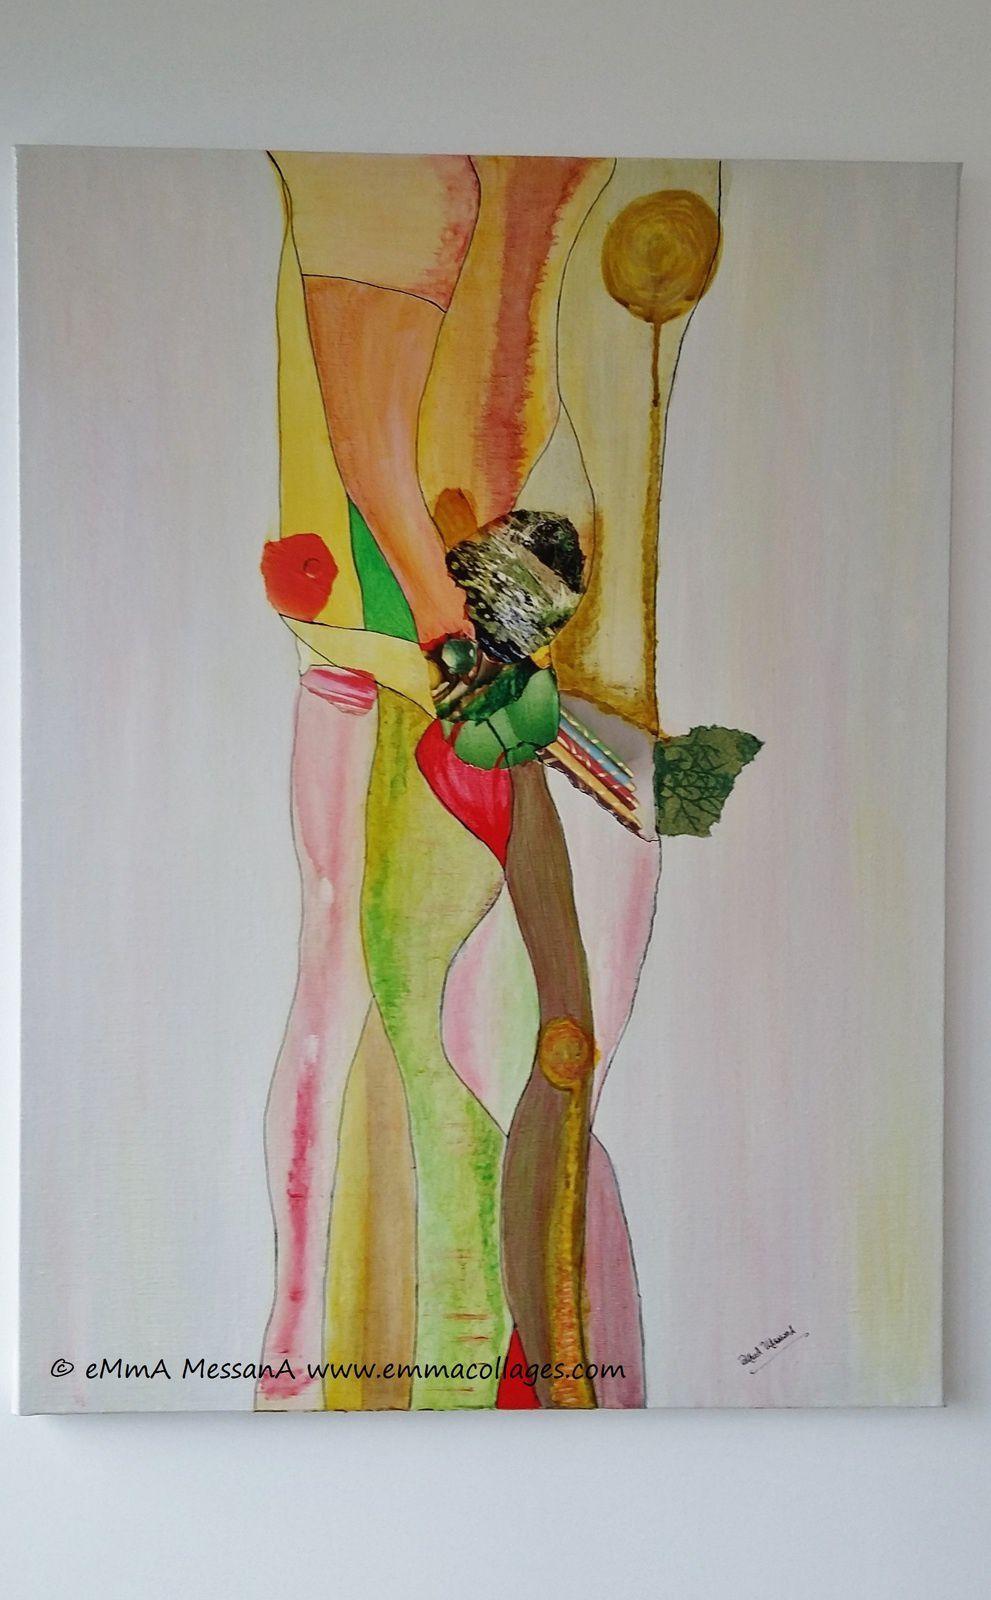 """Les collages d'eMmA MessanA, """"Motifs à danser"""", pièce unique"""